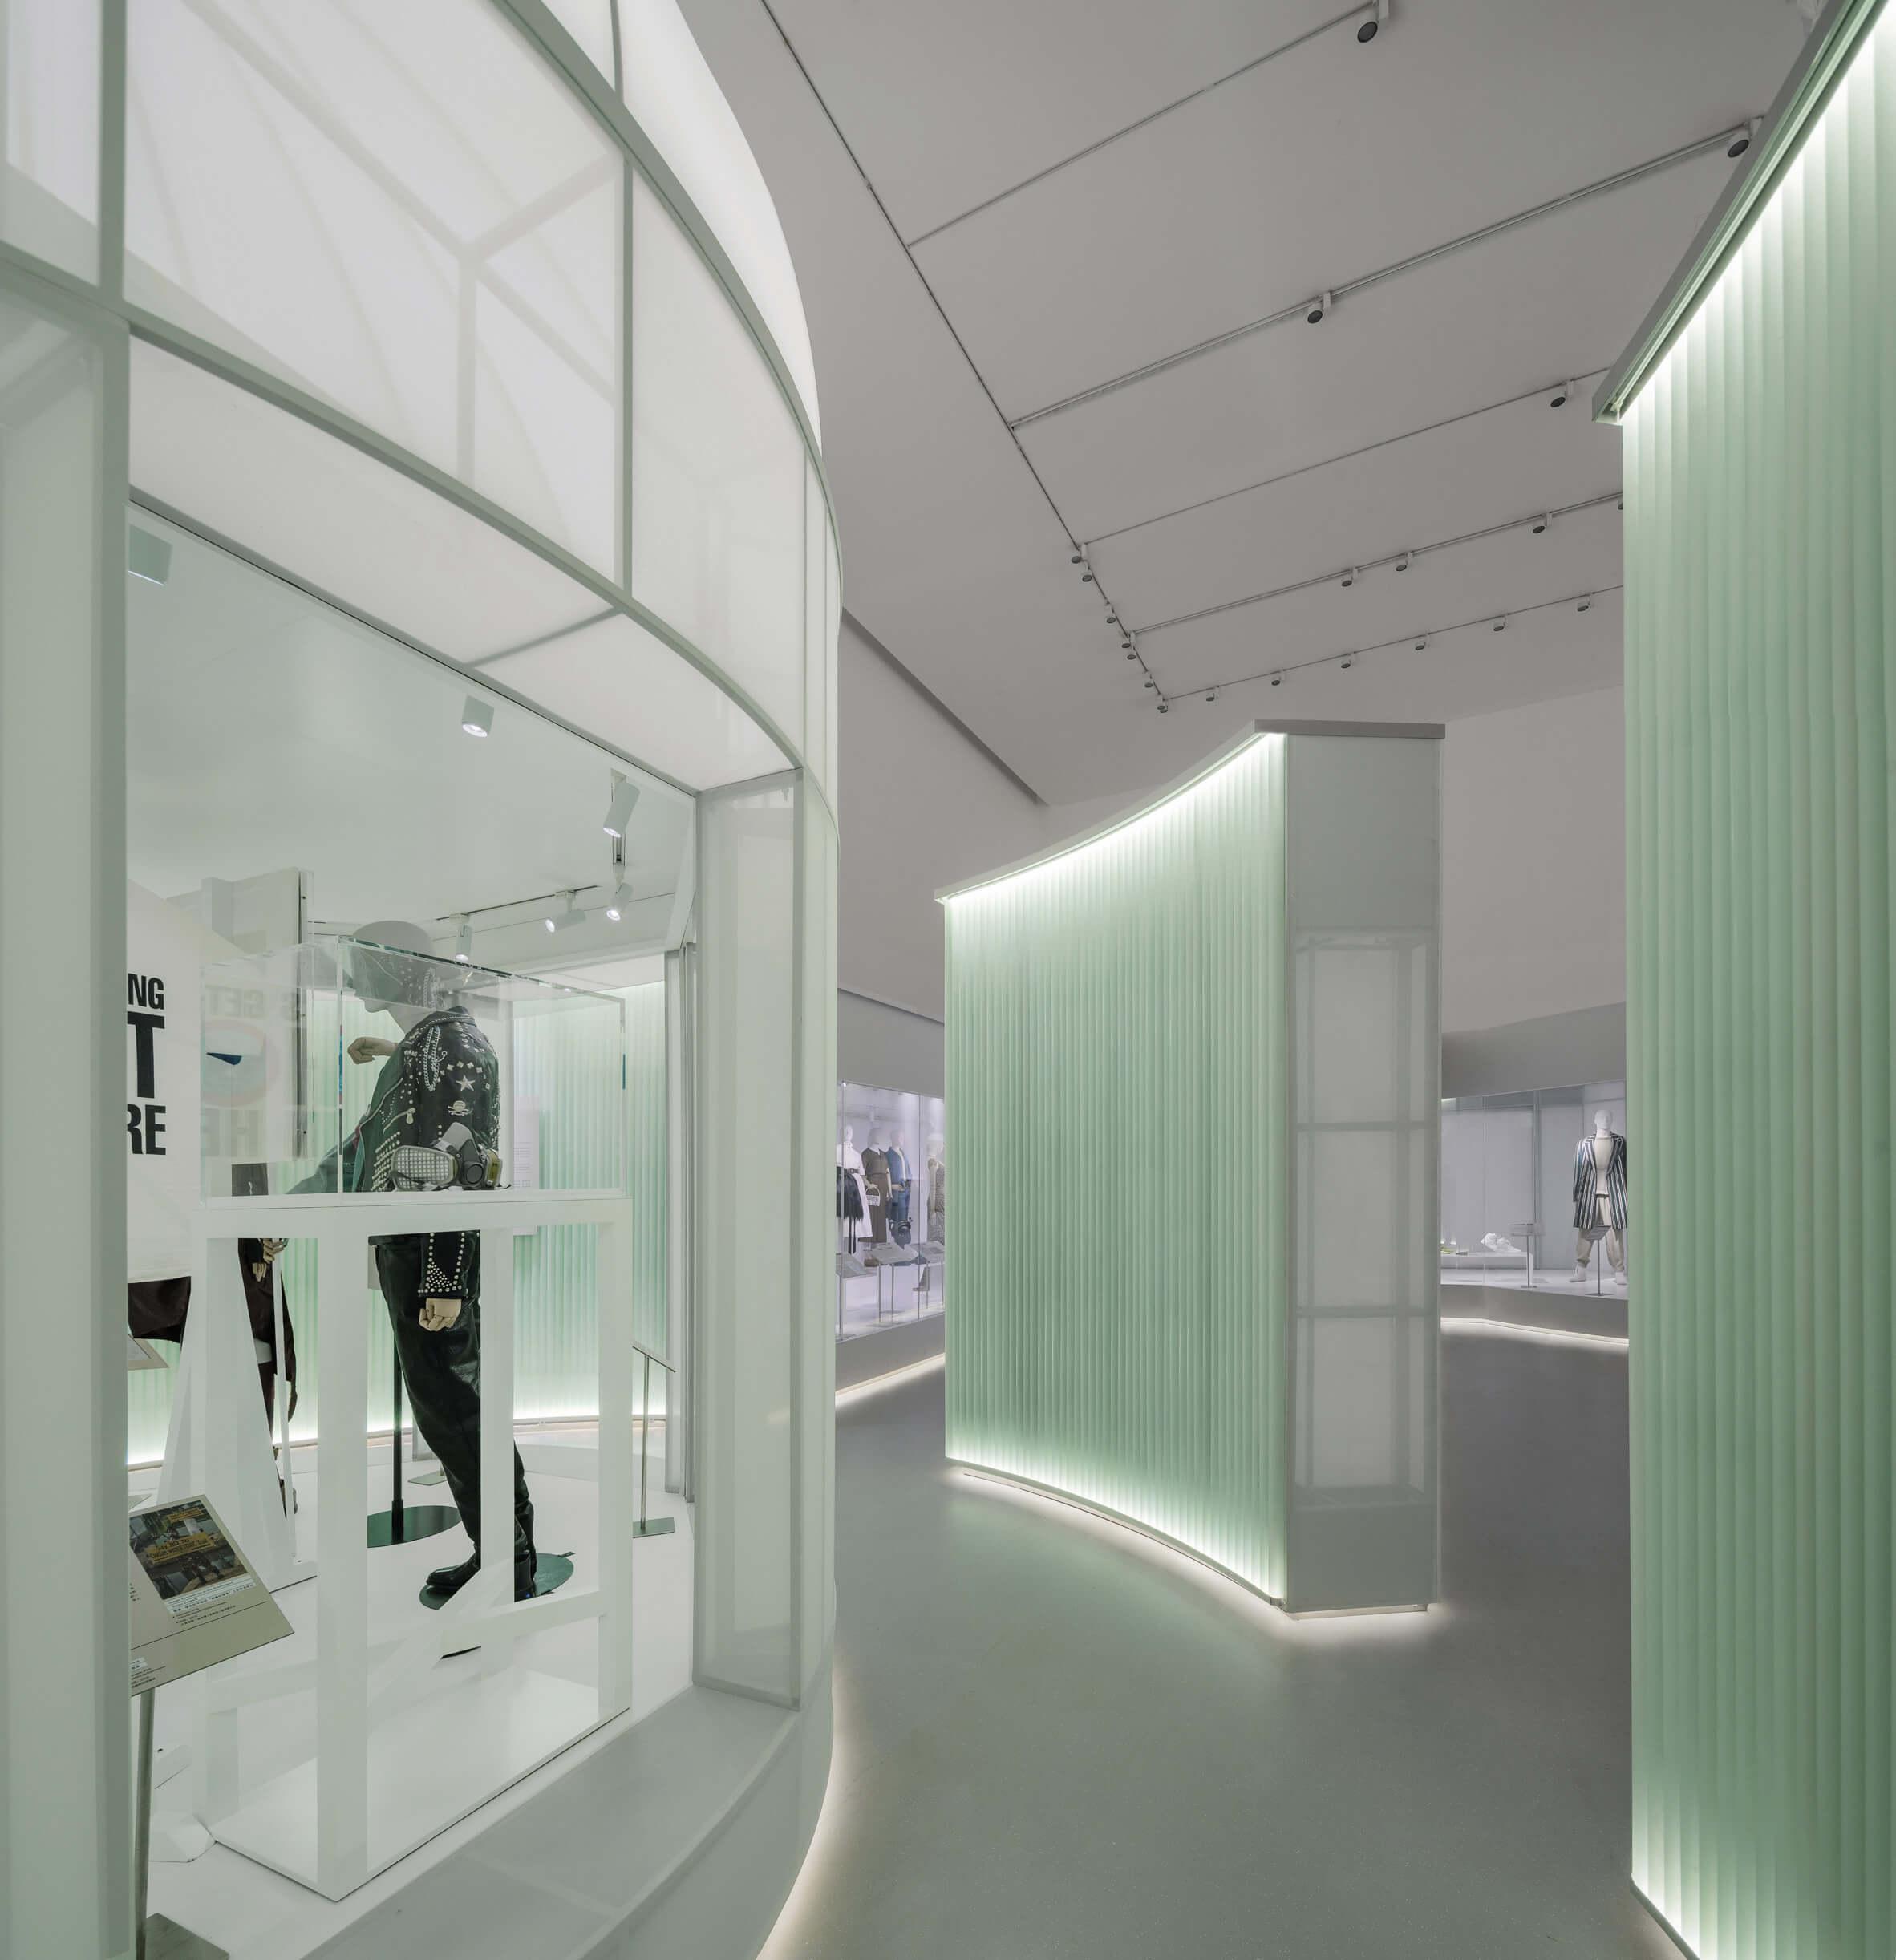 استودیو 10 نمایشگاه مد، با راهروهای شفاف